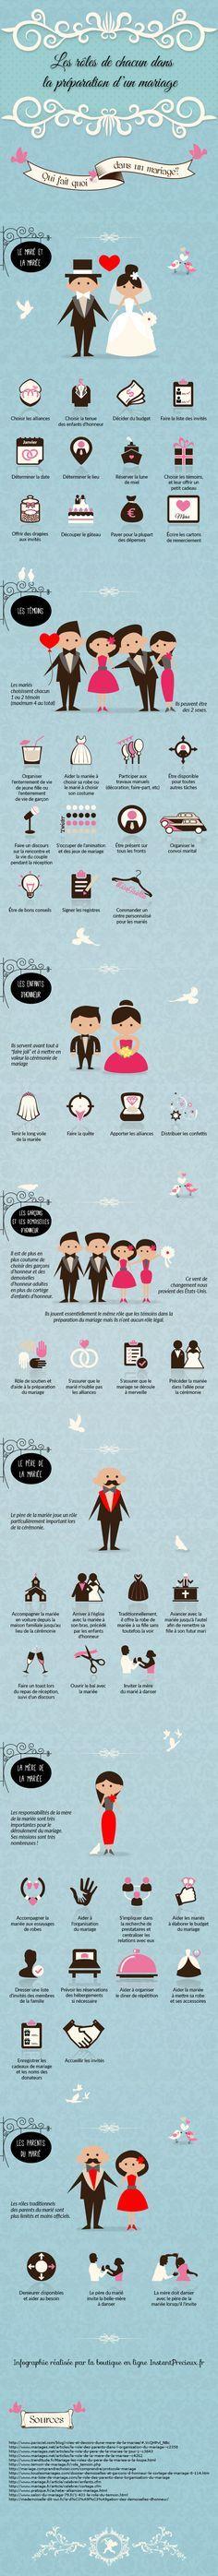 Les rôles de chacun dans un mariage